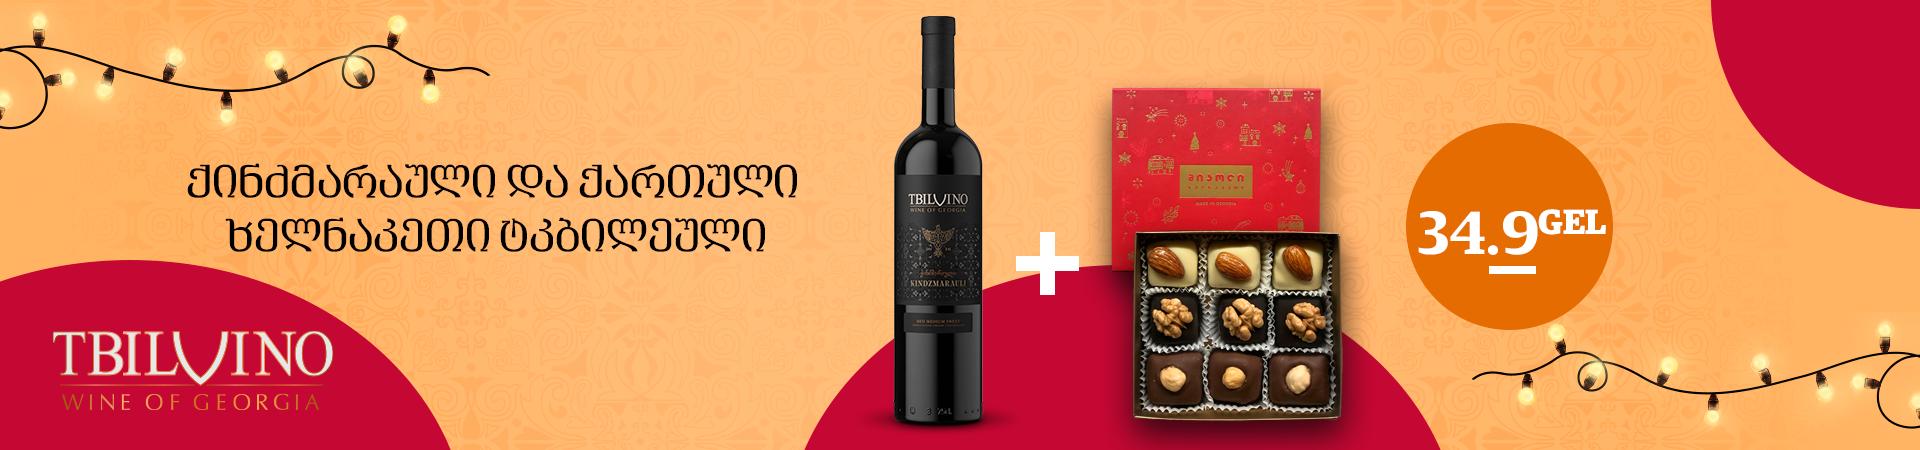 Tbilvino-New-year-gozinaki-gift-1920X450-GEO